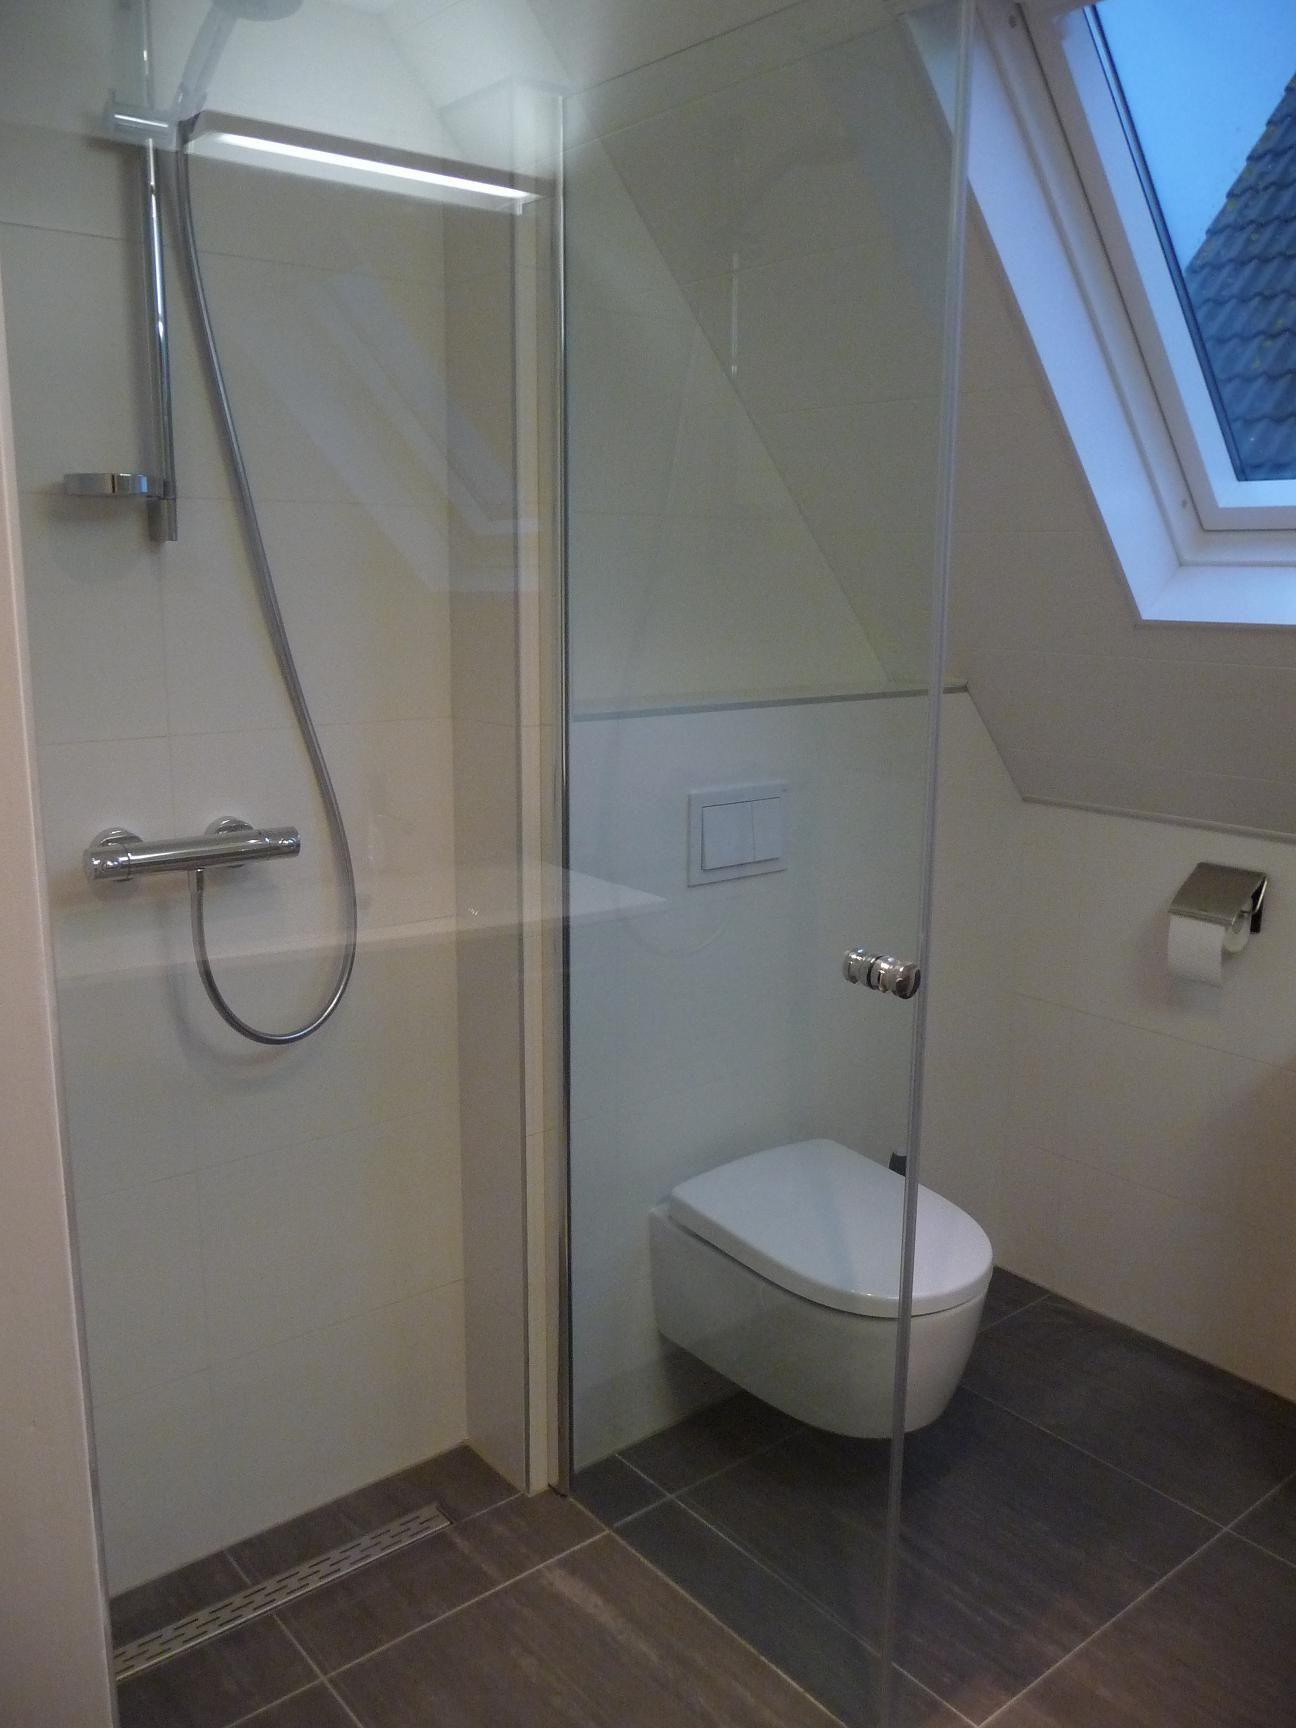 Erg kleine smalle badkamer schuin dak google zoeken badkamer pinterest bath interiors - Klein badkamer model met douche ...